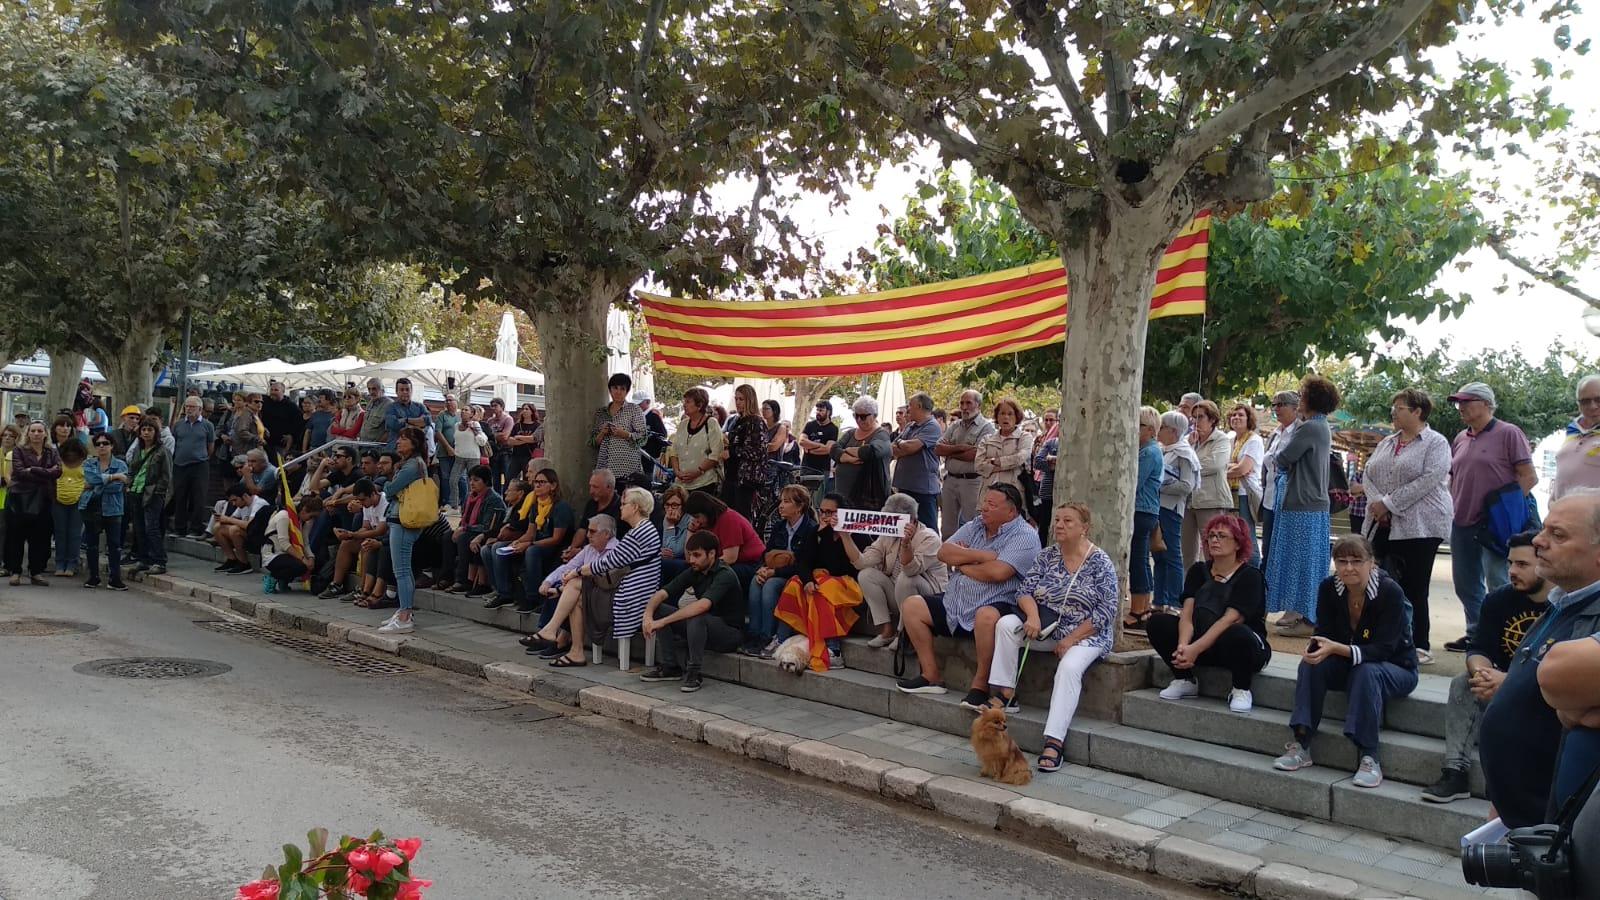 Desenes de persones es concentren davant de l'Ajuntament en repulsa a la sentència dels líders Catalans